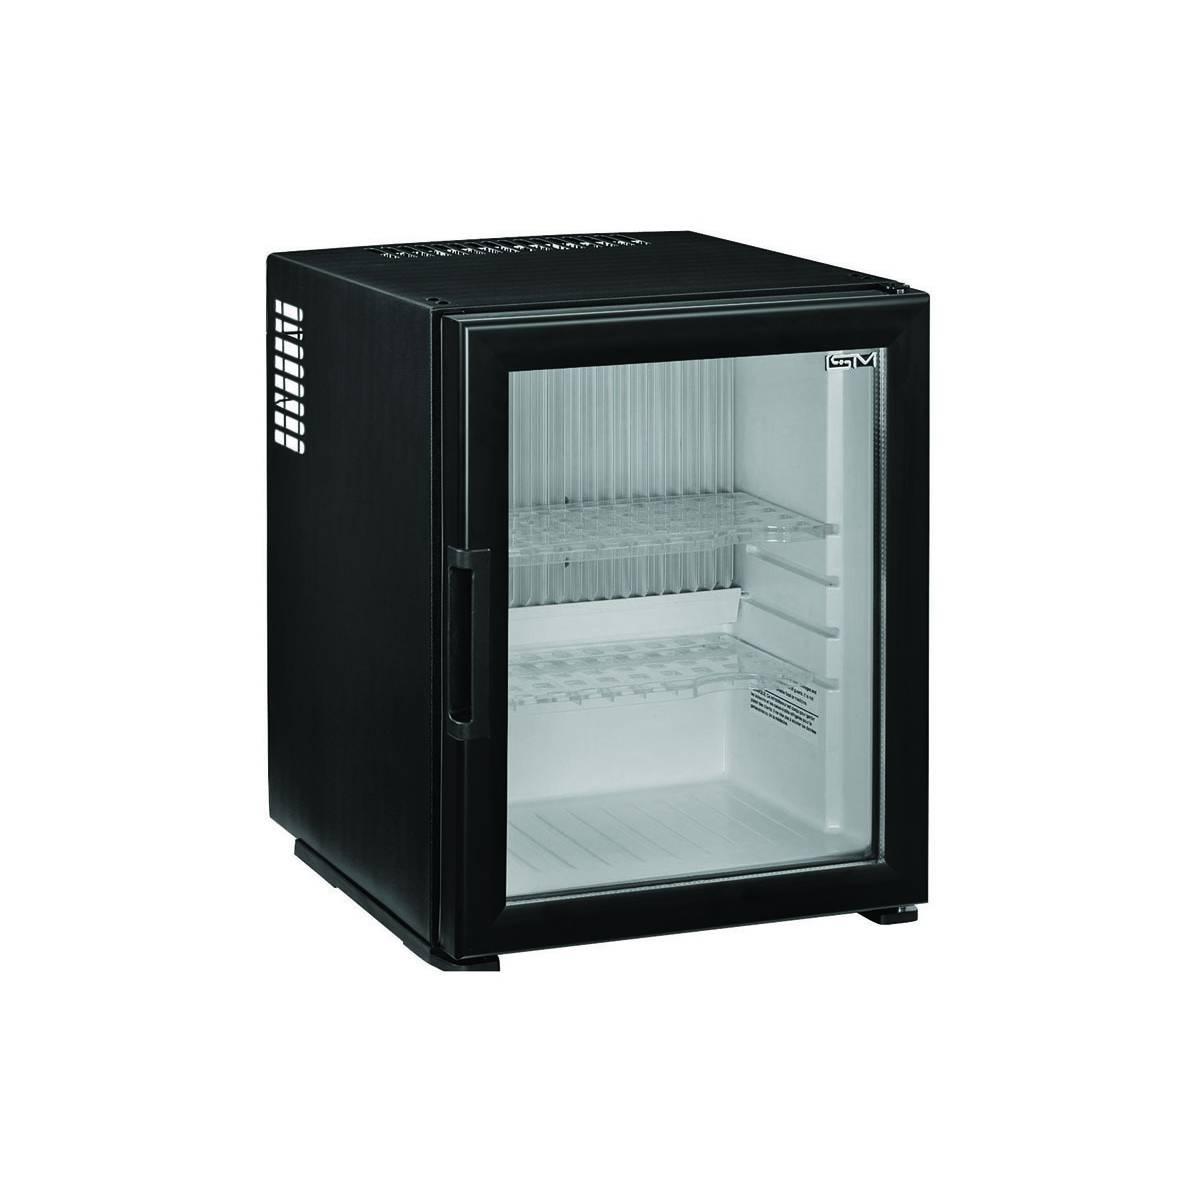 Мини-бар ISM 40 C&C Glass для гостиниц, бескомпрессорный холодильник CC40-G ISM